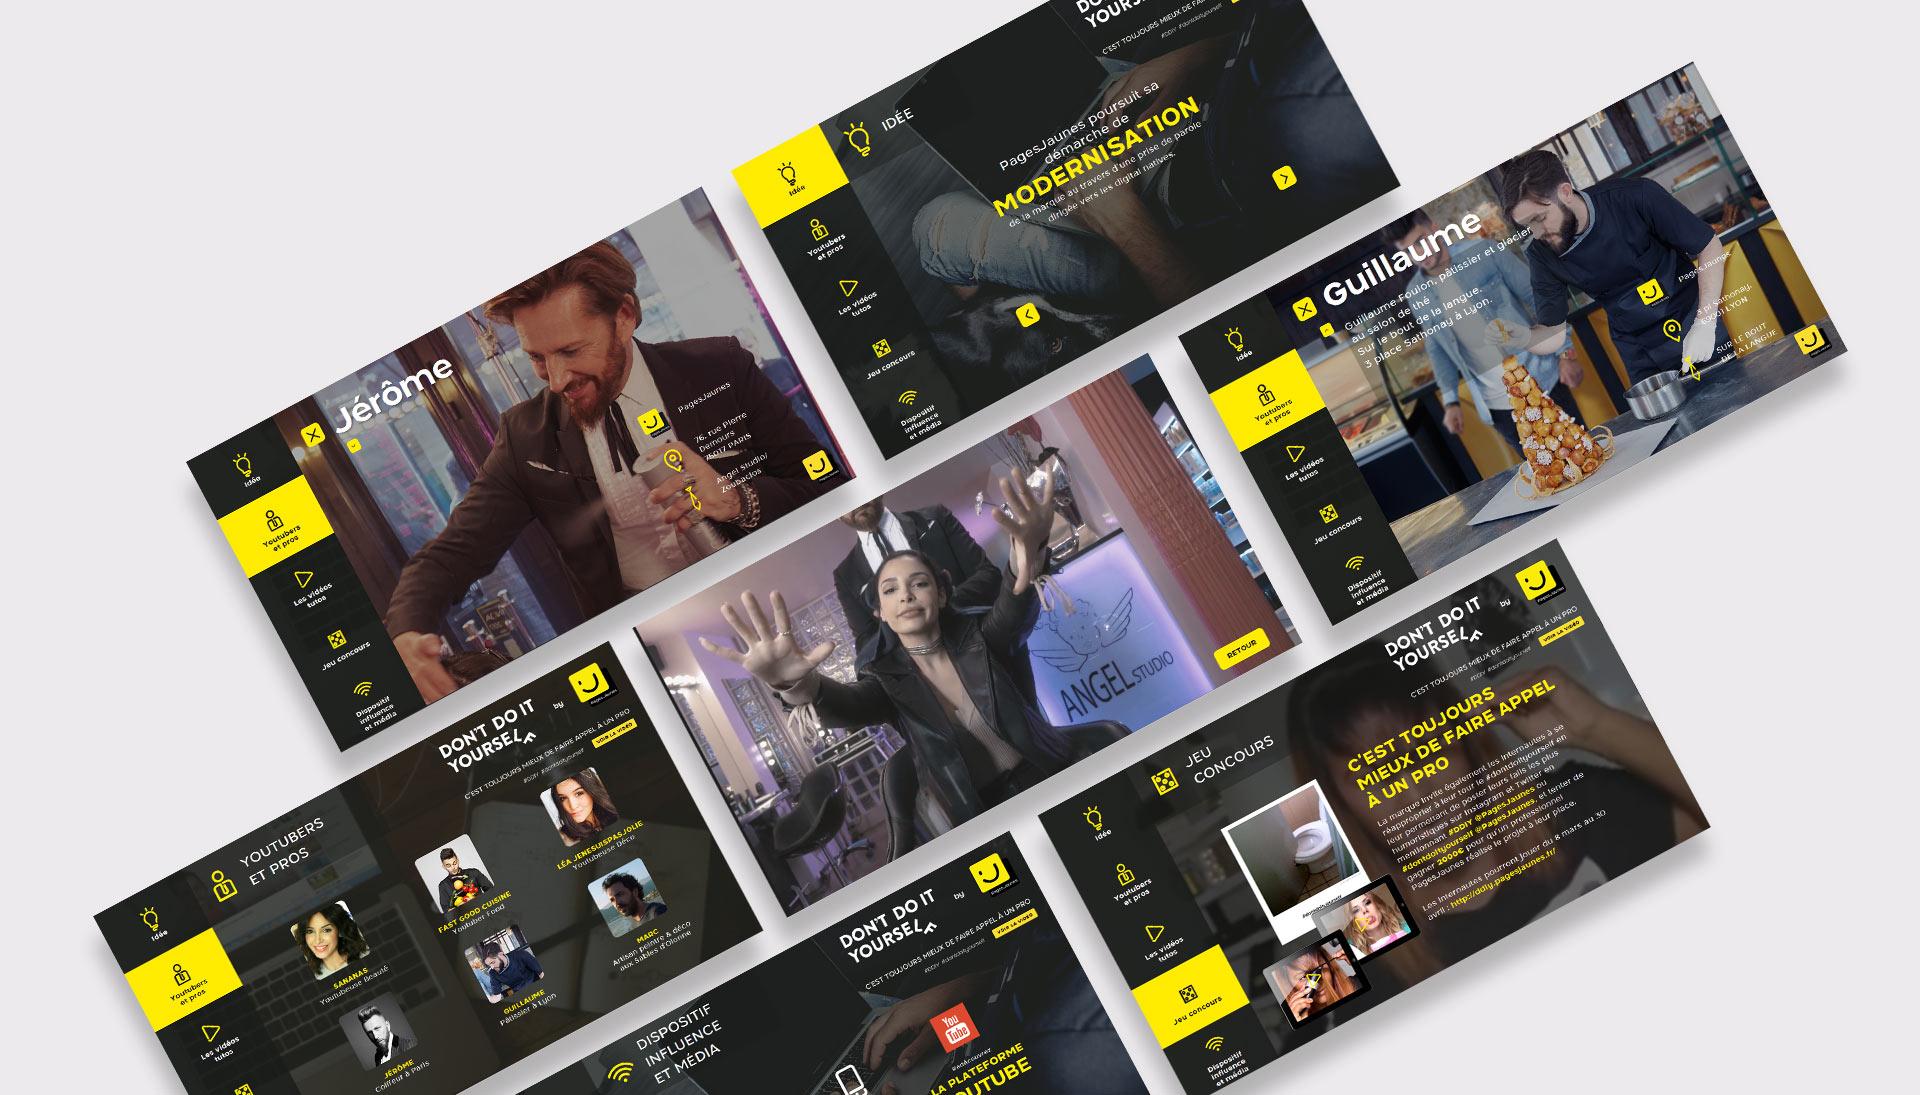 Exemple de teaser interactif pour les Pages Jaunes